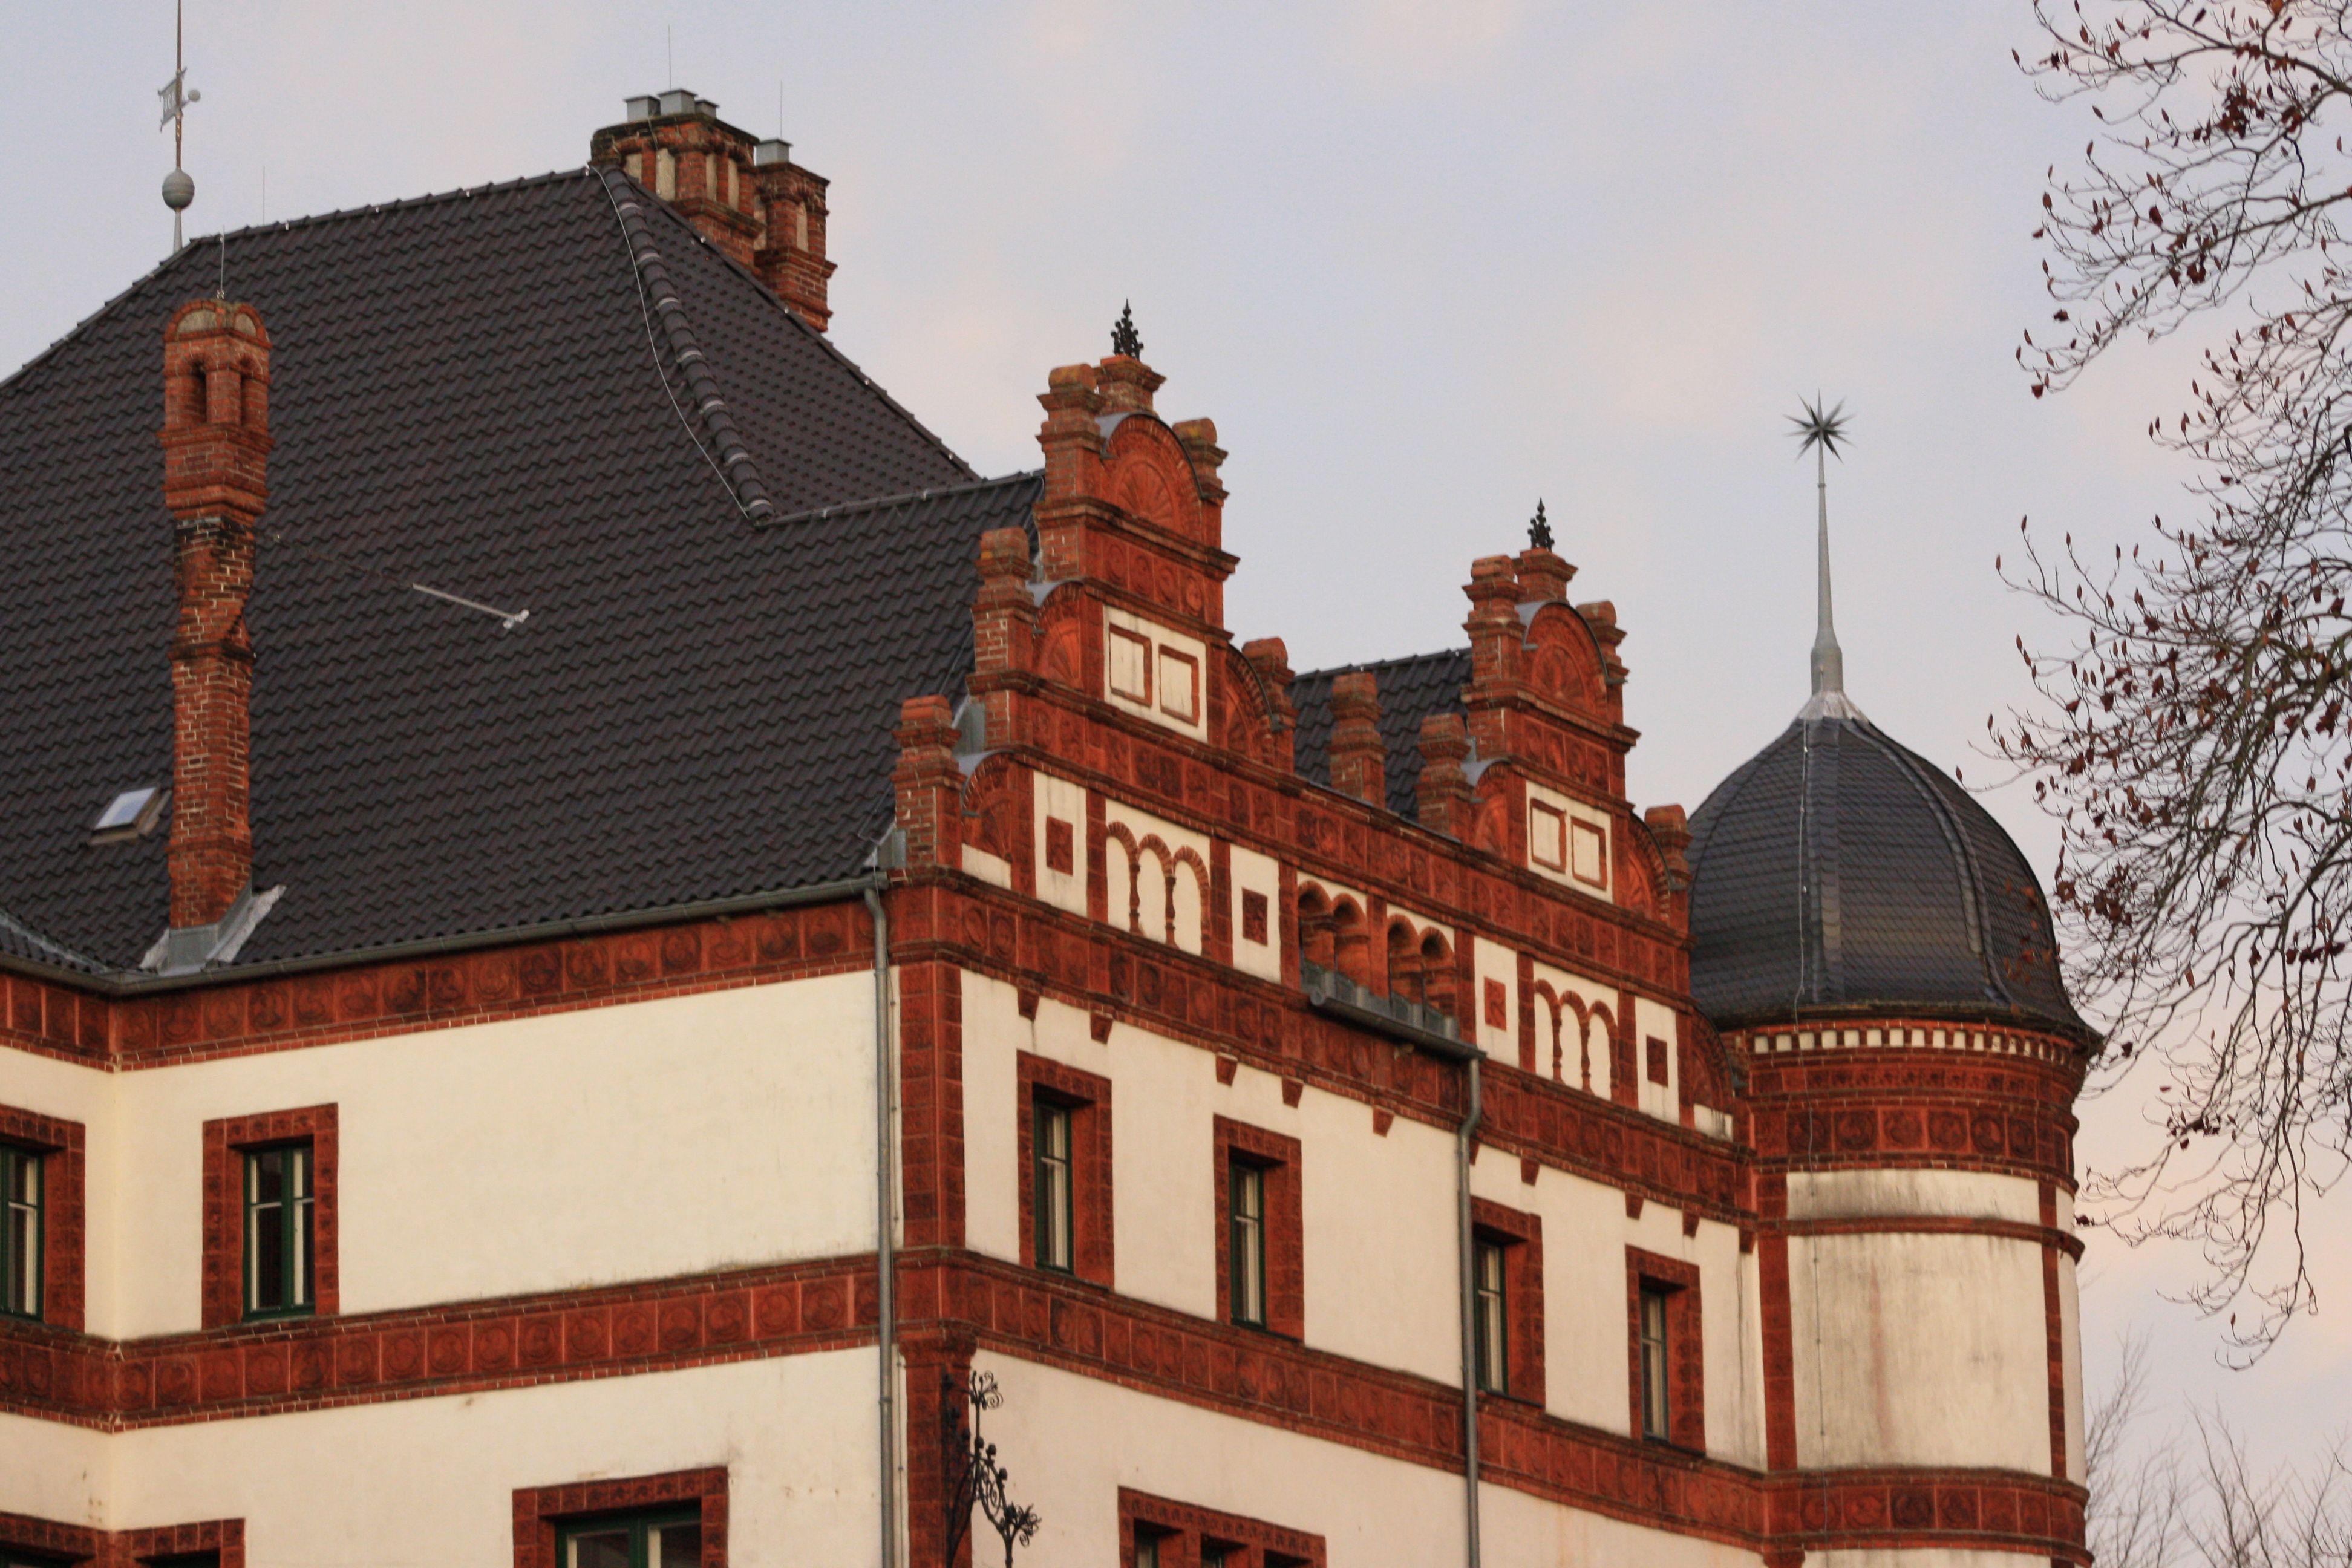 Schloss Wiligrad Schwerin, self made Schwerin, Schloss